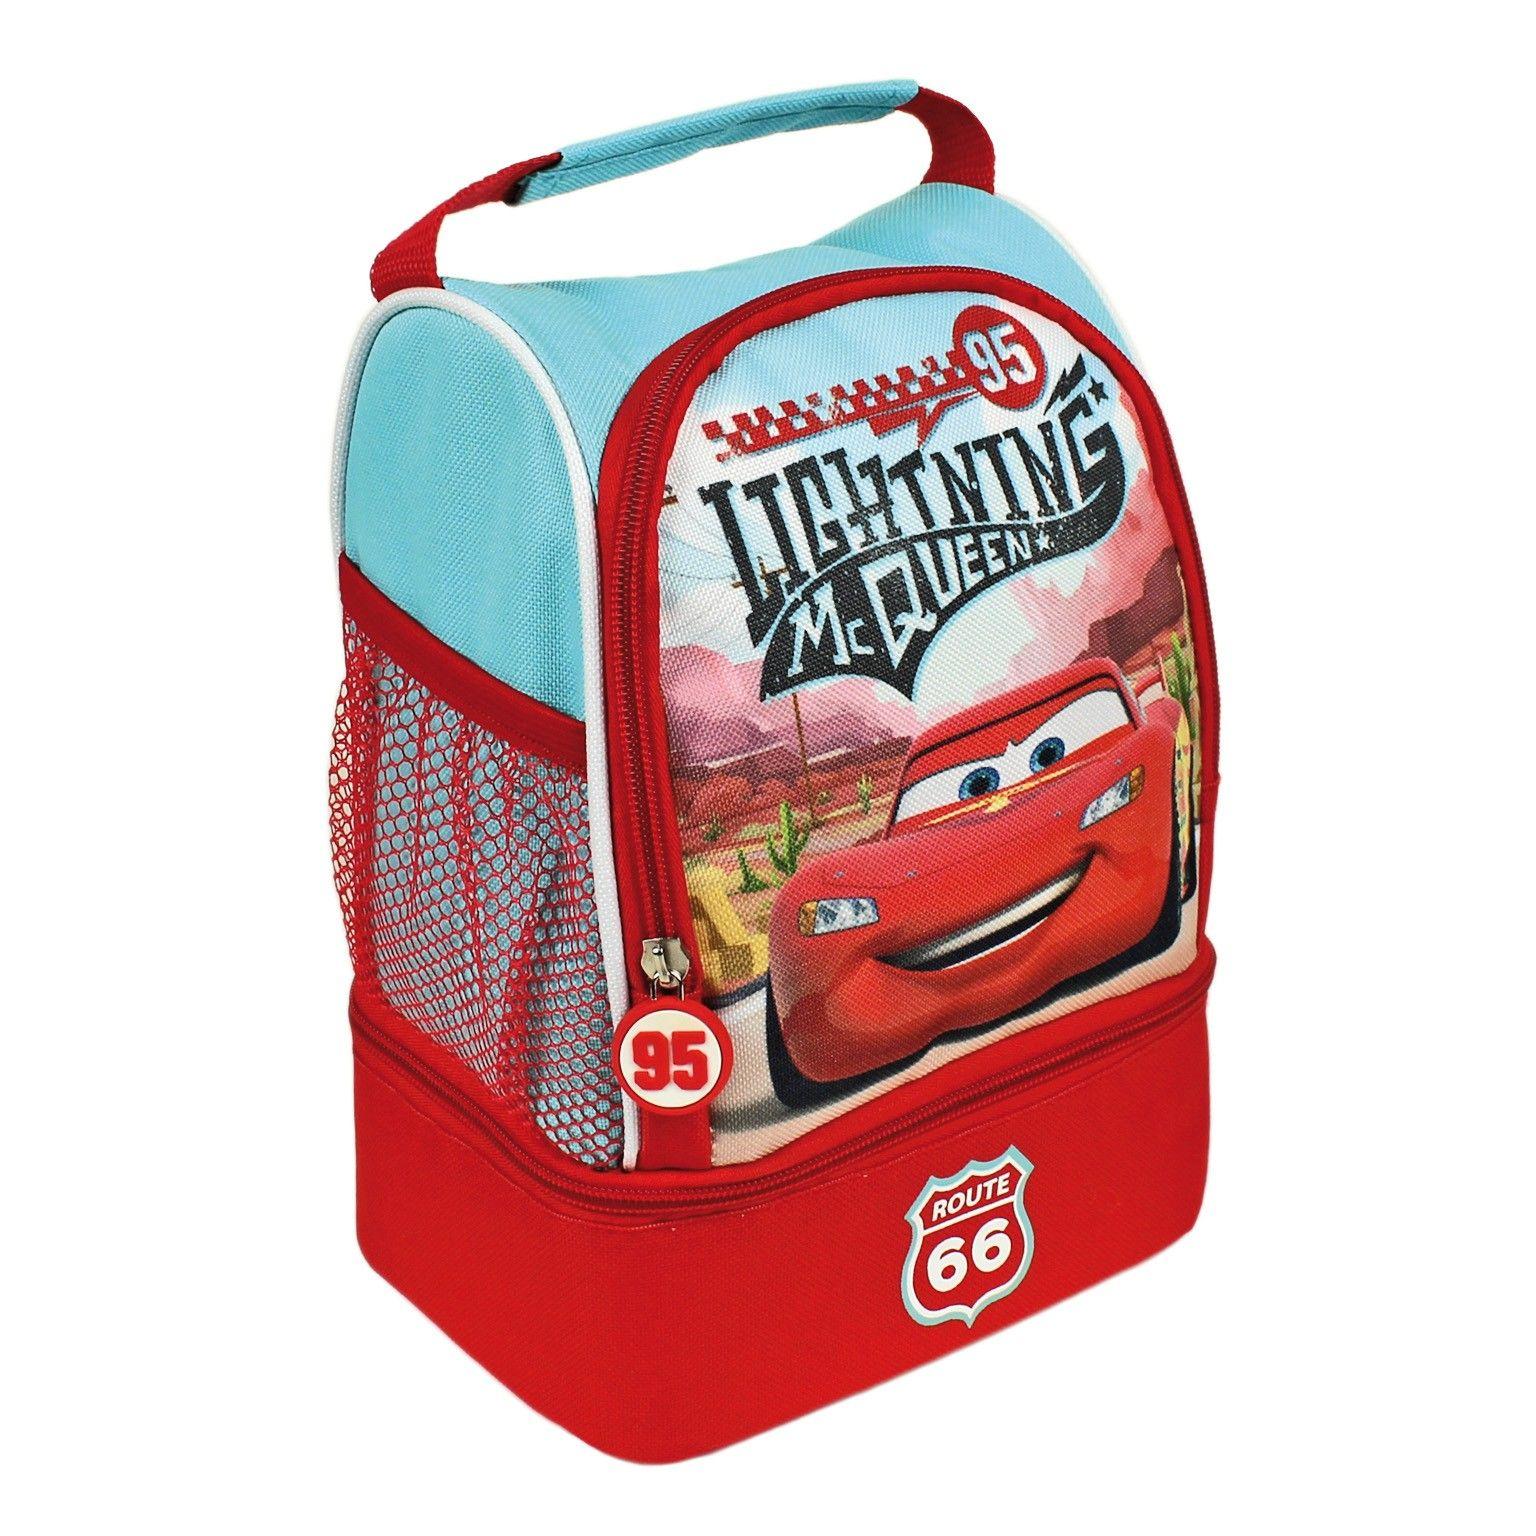 Portamerienda de Cars. Ideal para llevar los alimentos y bebidas al colegio o guardería, al parque o de viaje. En www.tinoytina.com